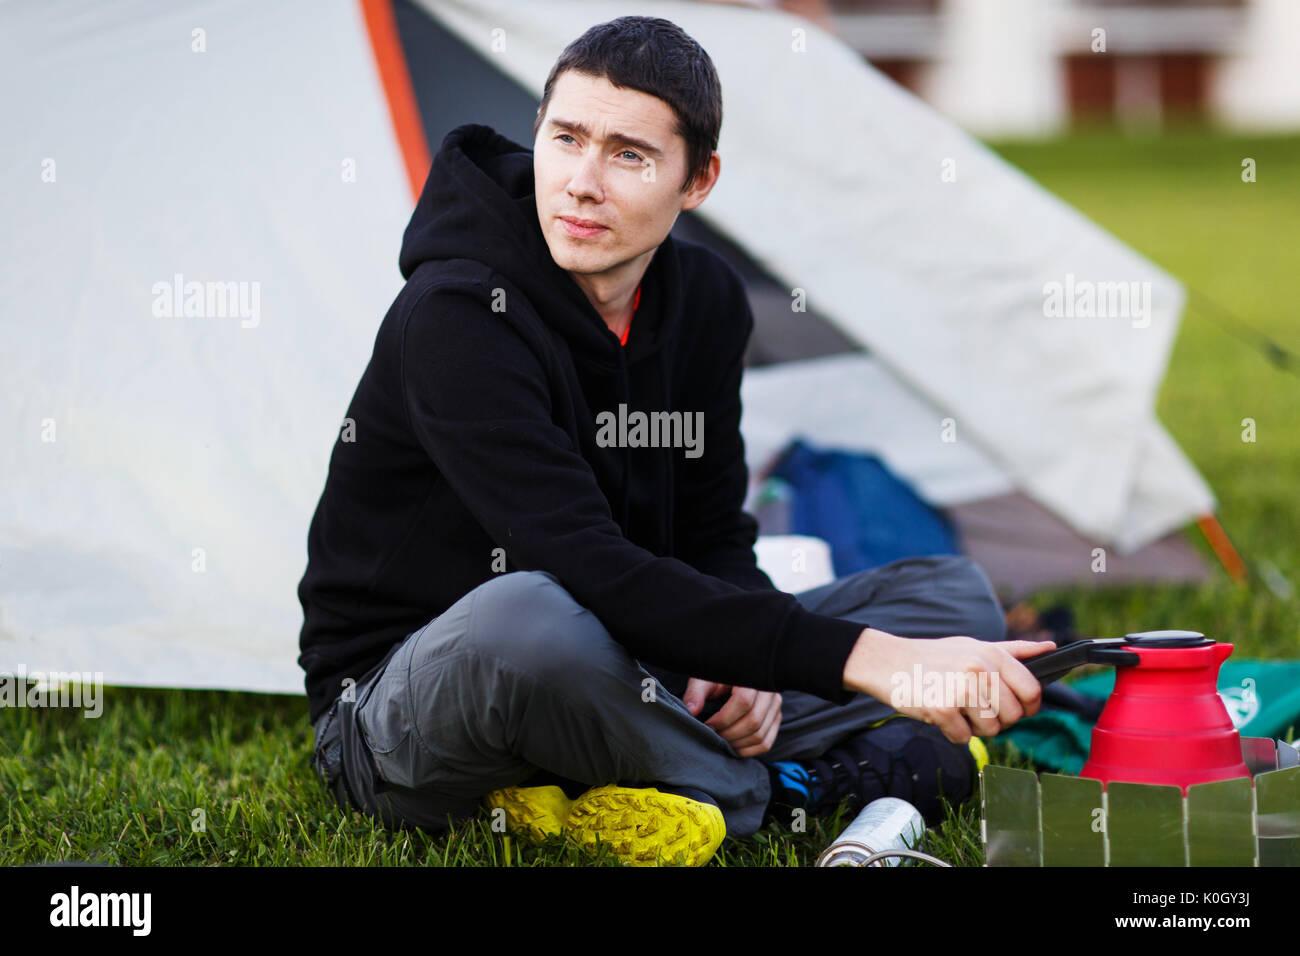 Junger Mann mit touristischen Teekanne Stockbild